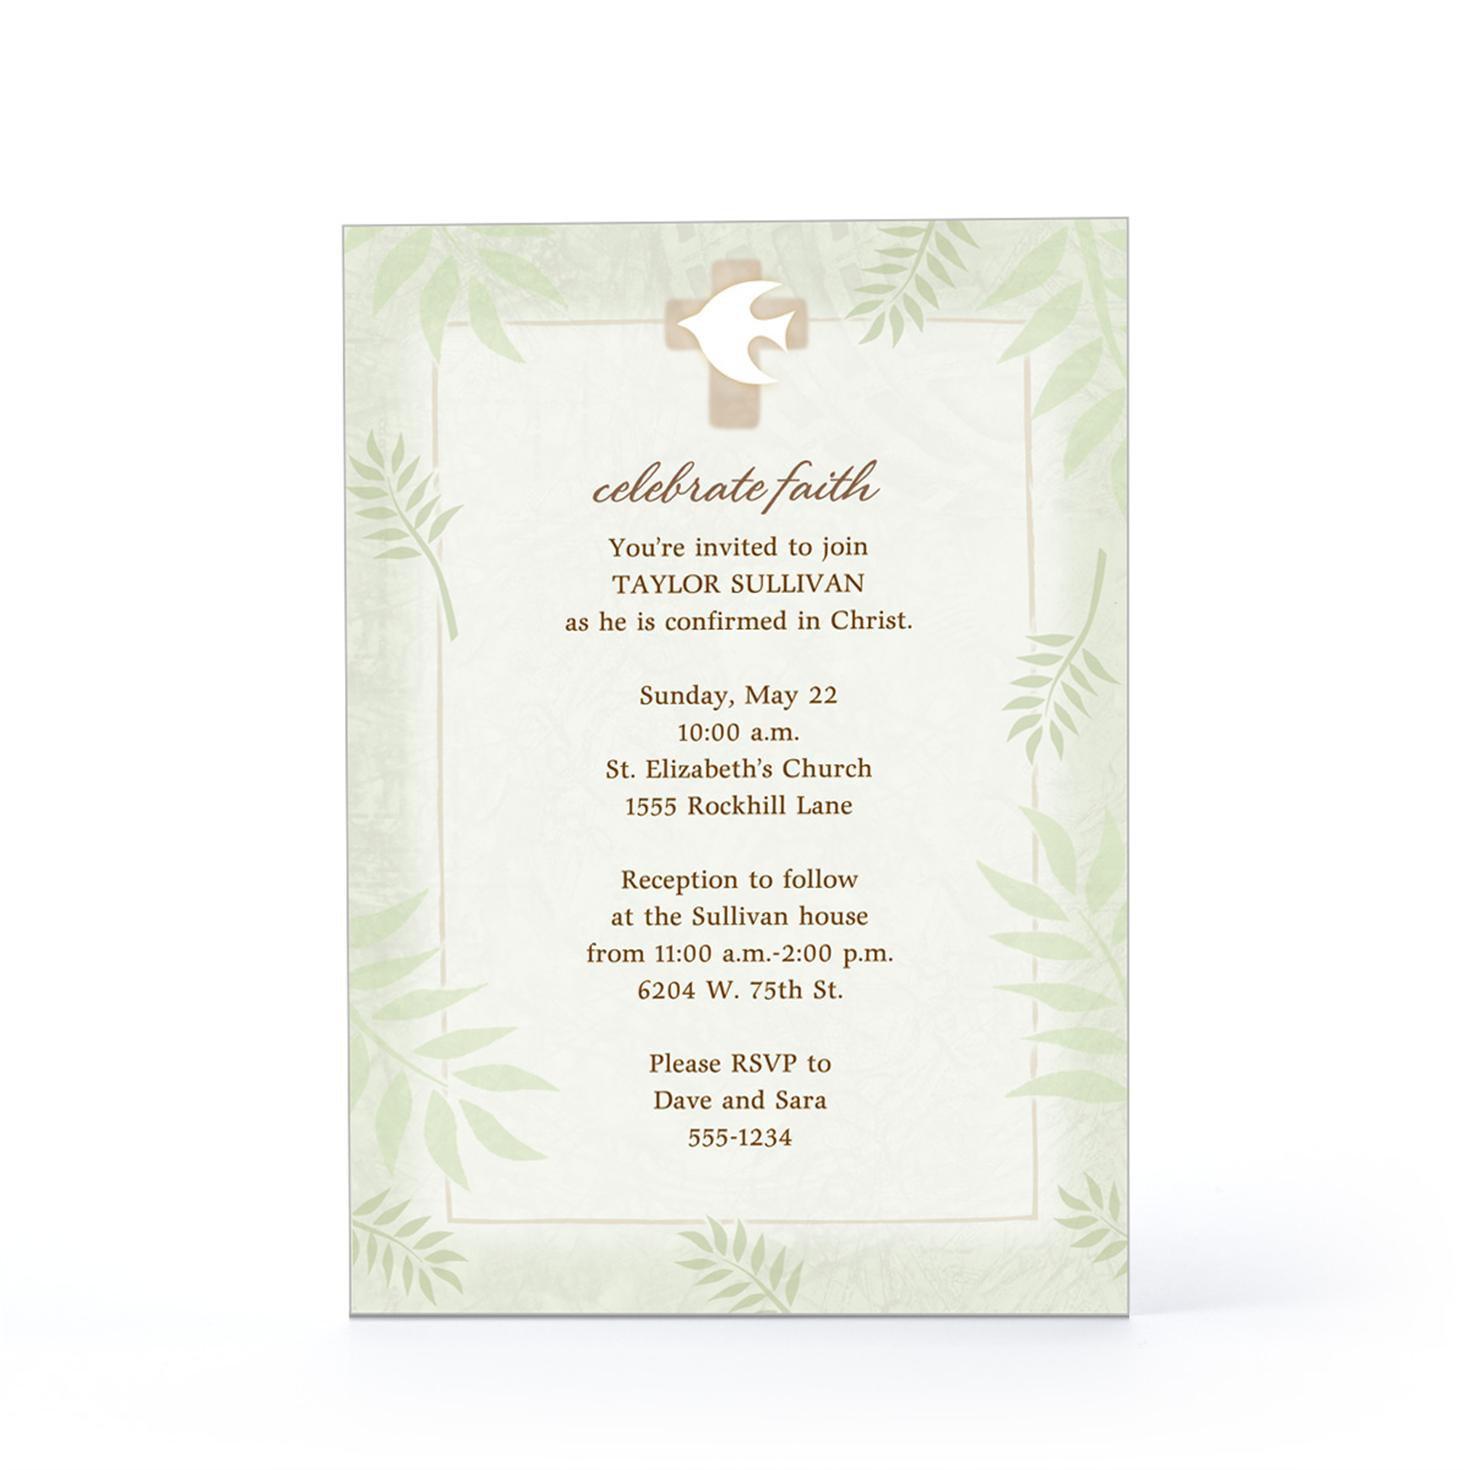 Hallmark Personalized Invitations